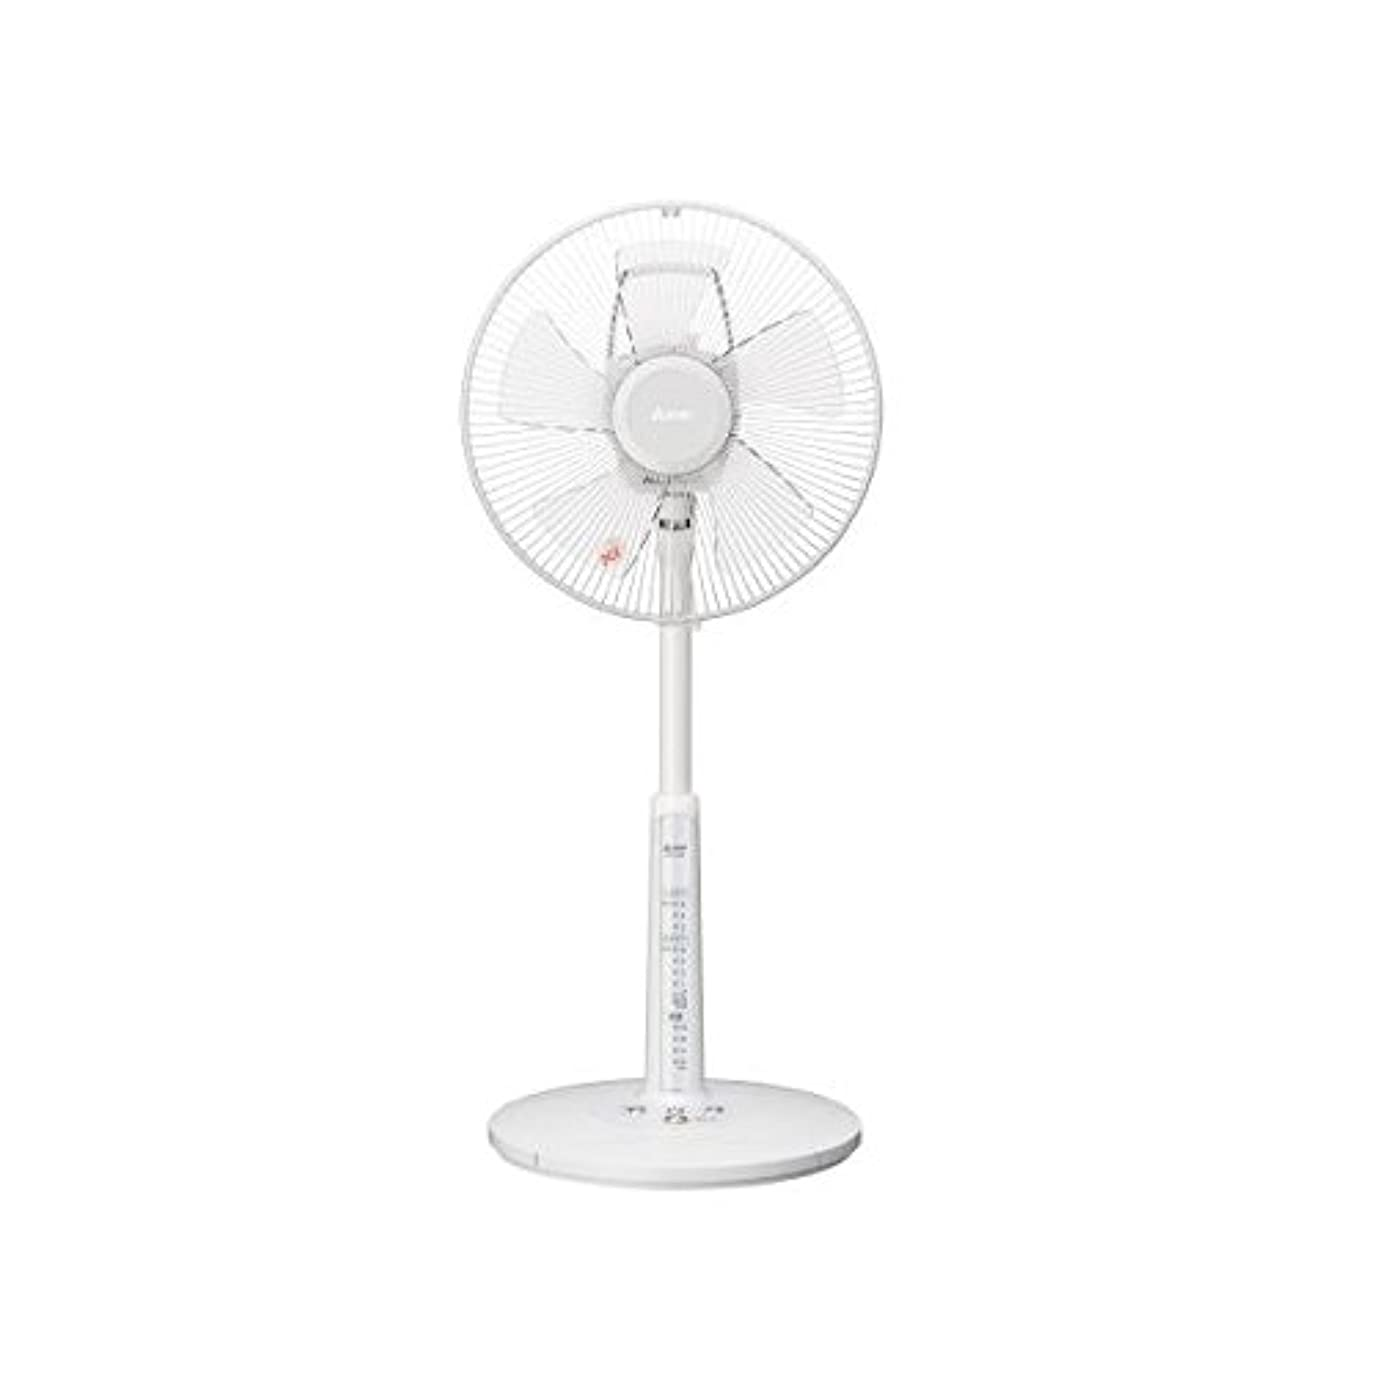 そこ宴会名門三菱 【扇風機】マイコン式リビング扇(クールホワイト)MITSUBISHI R30J-MS-W